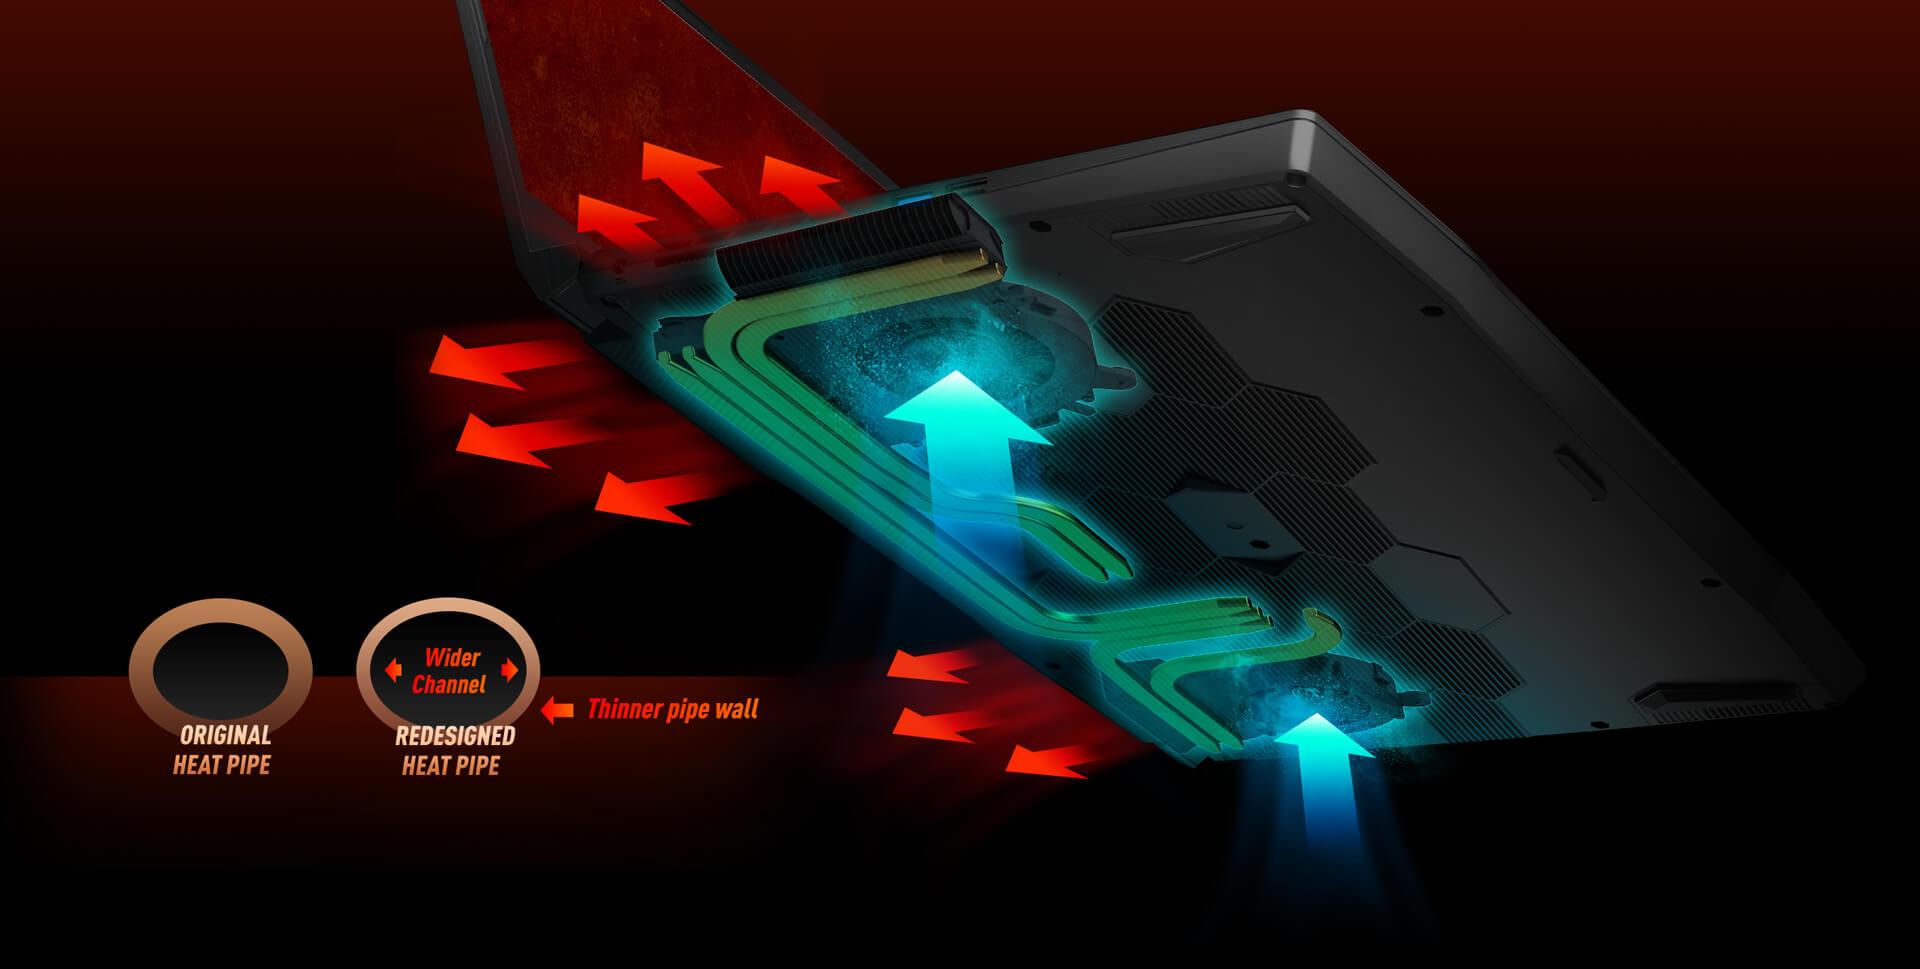 Katana GF66 Cooler                                                 boost 5